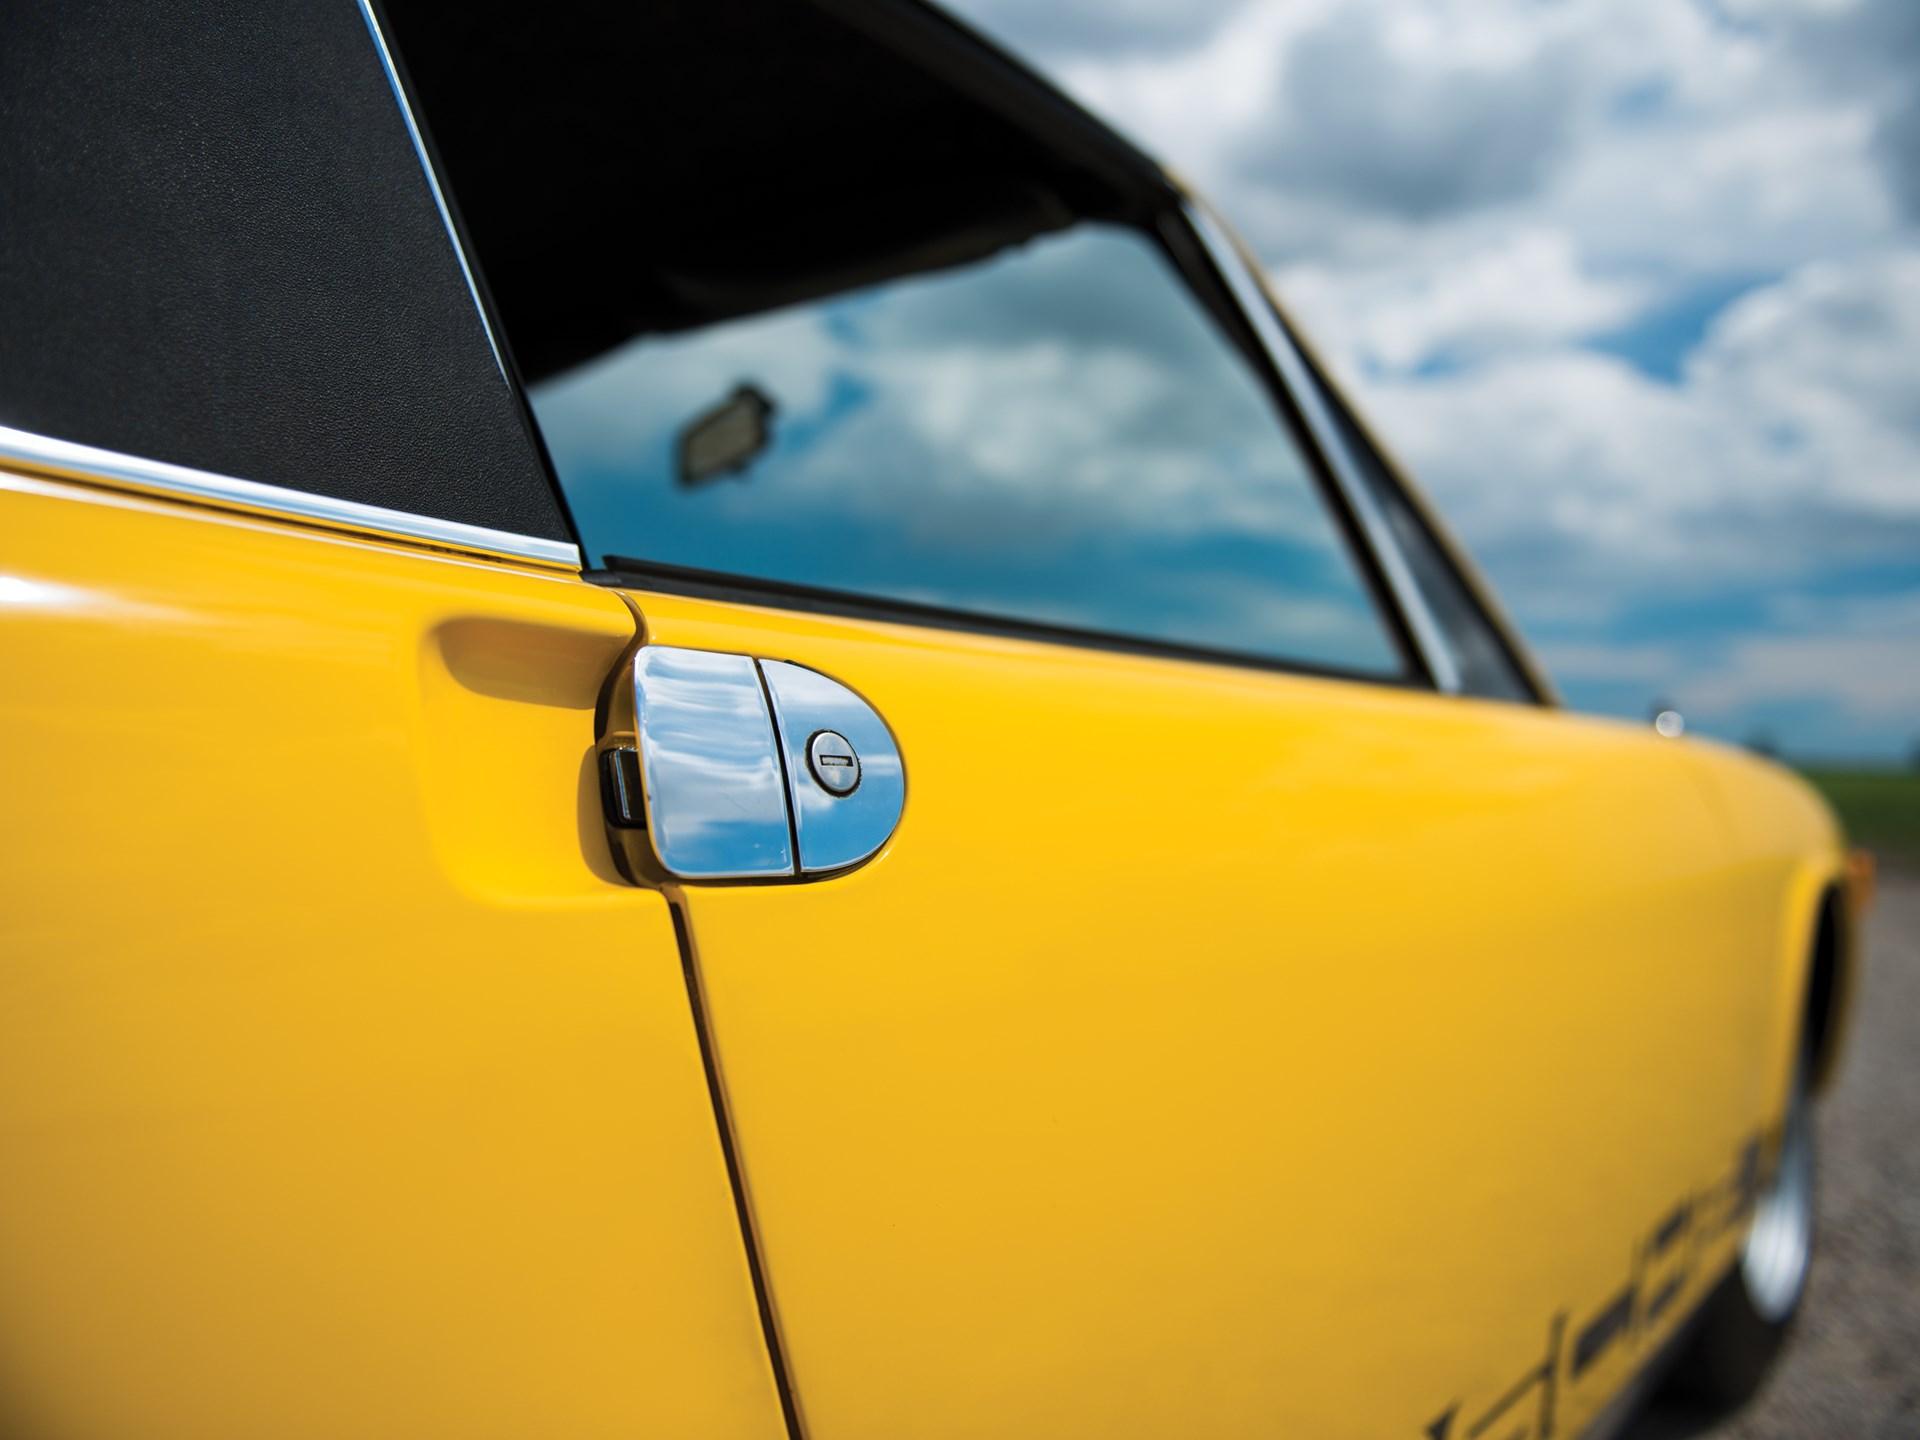 1975 Porsche 914 yellow door